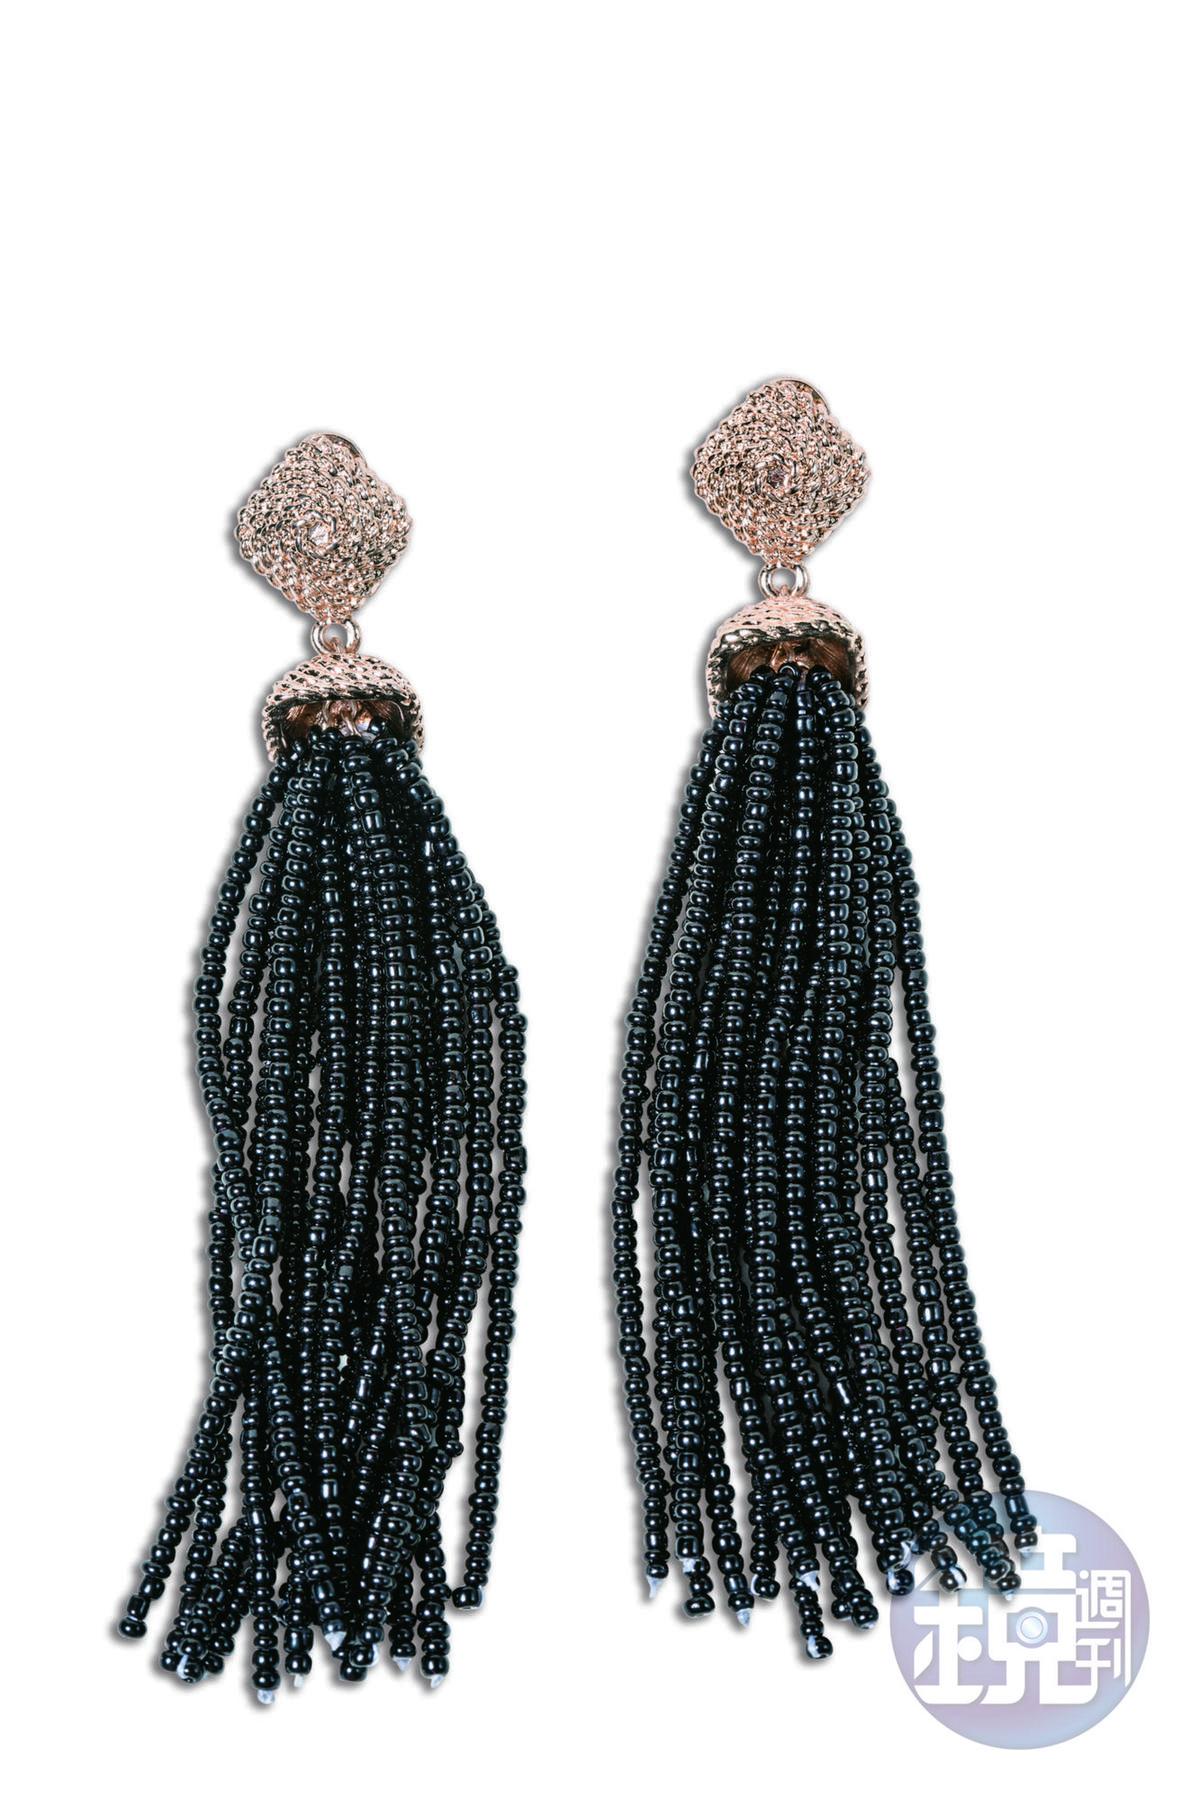 美國買的珠飾長耳環,約NT$3,000。